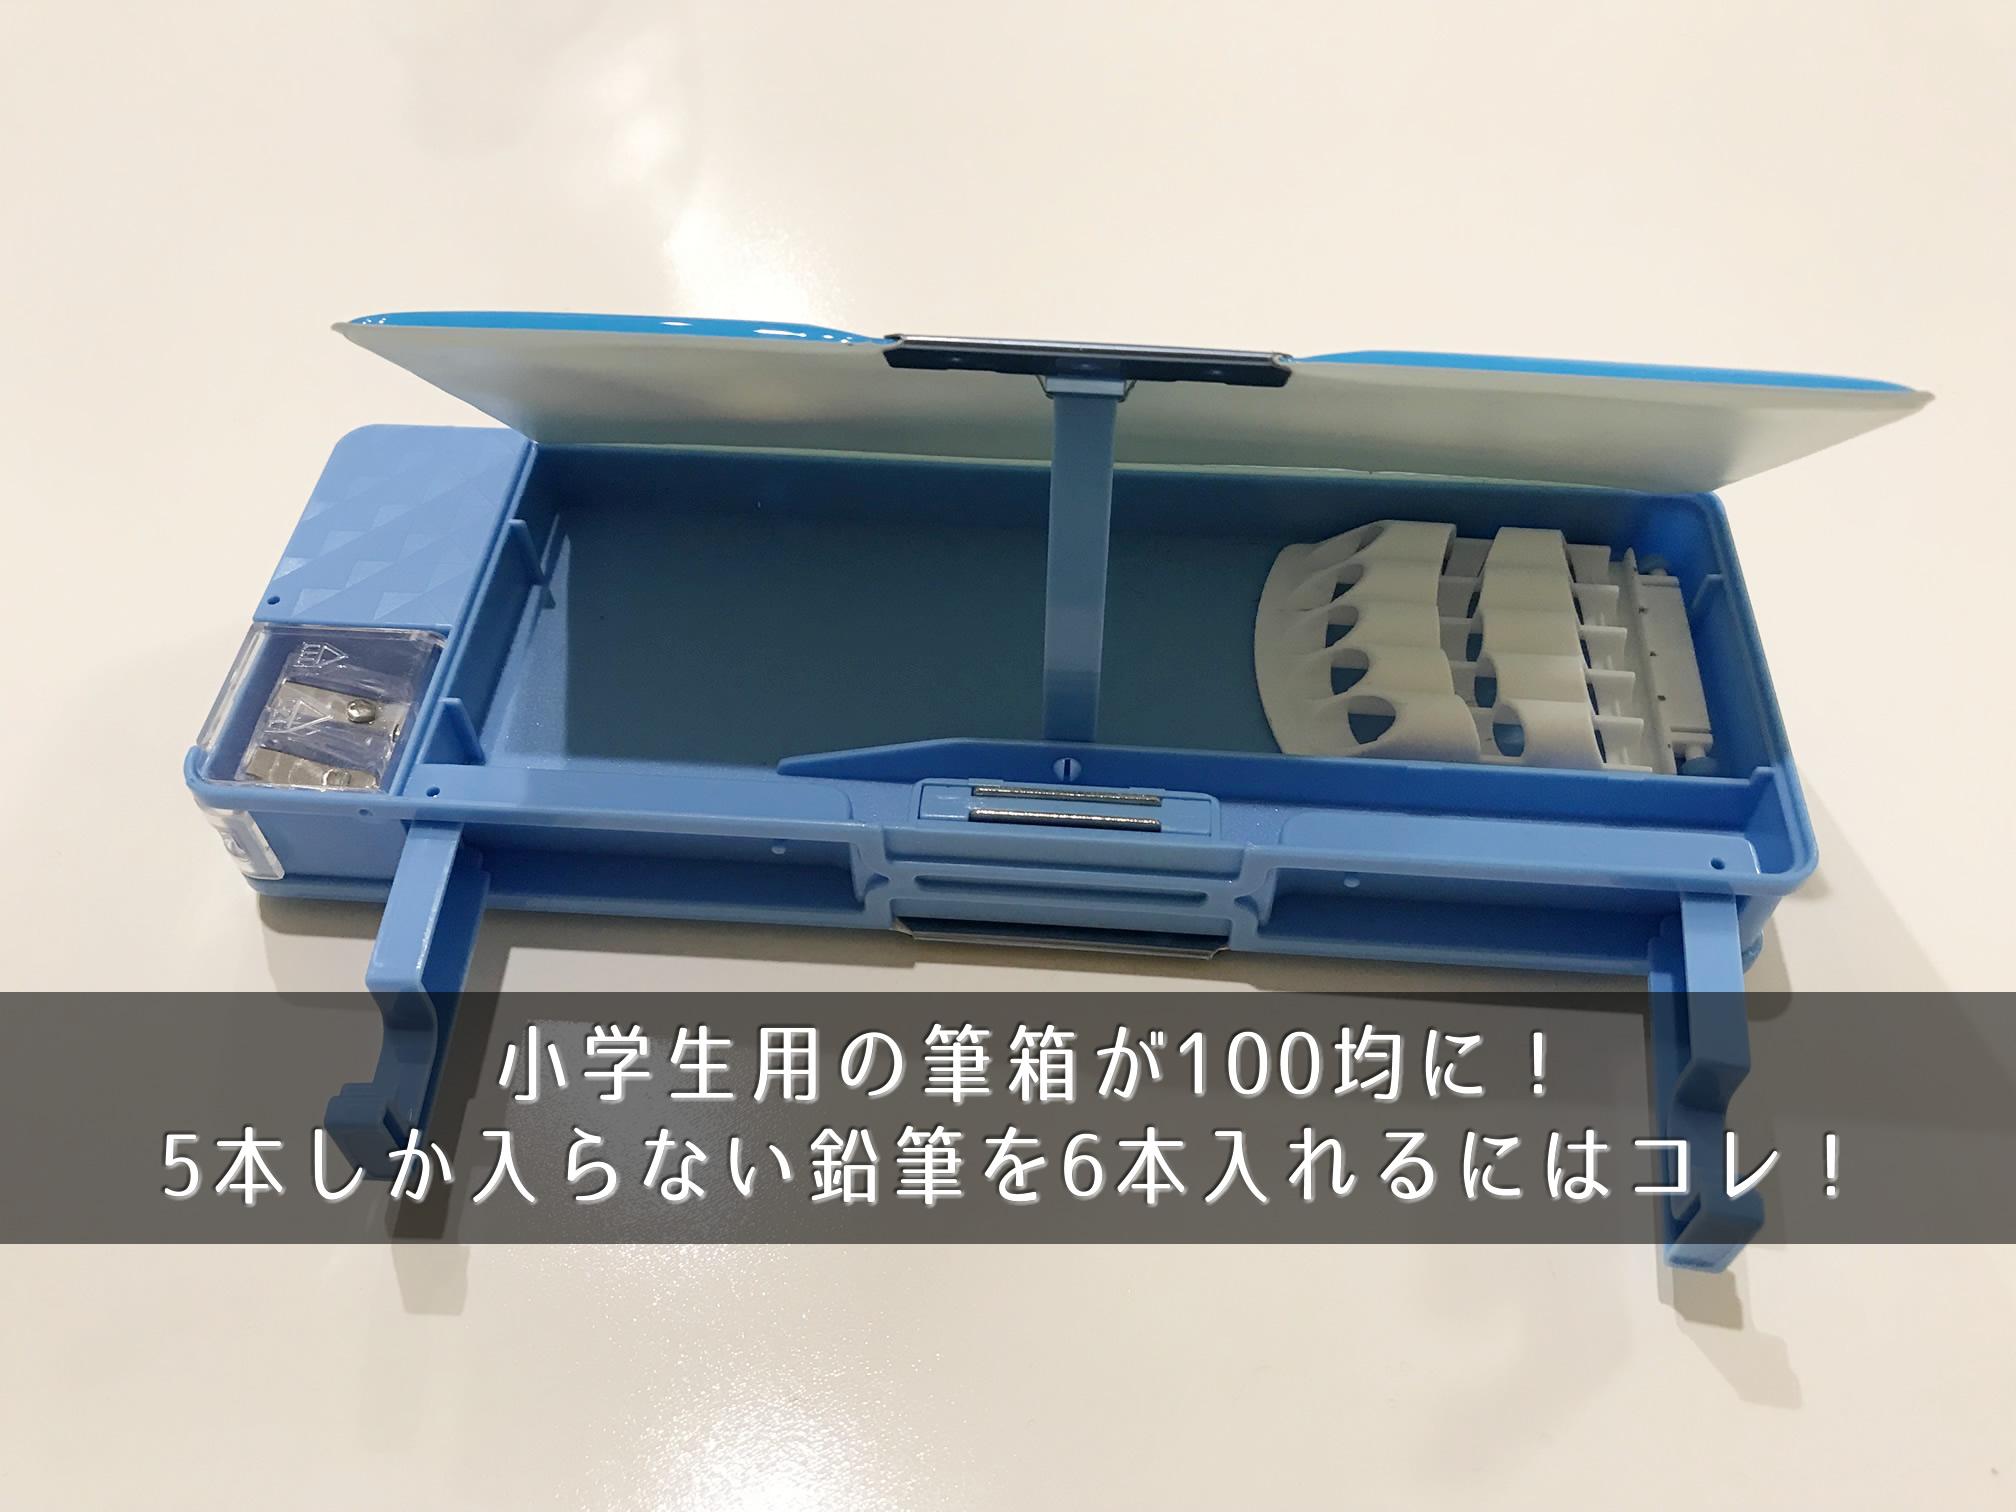 小学生用の筆箱が100均に!5本しか入らない鉛筆を6本入れるにはコレ!